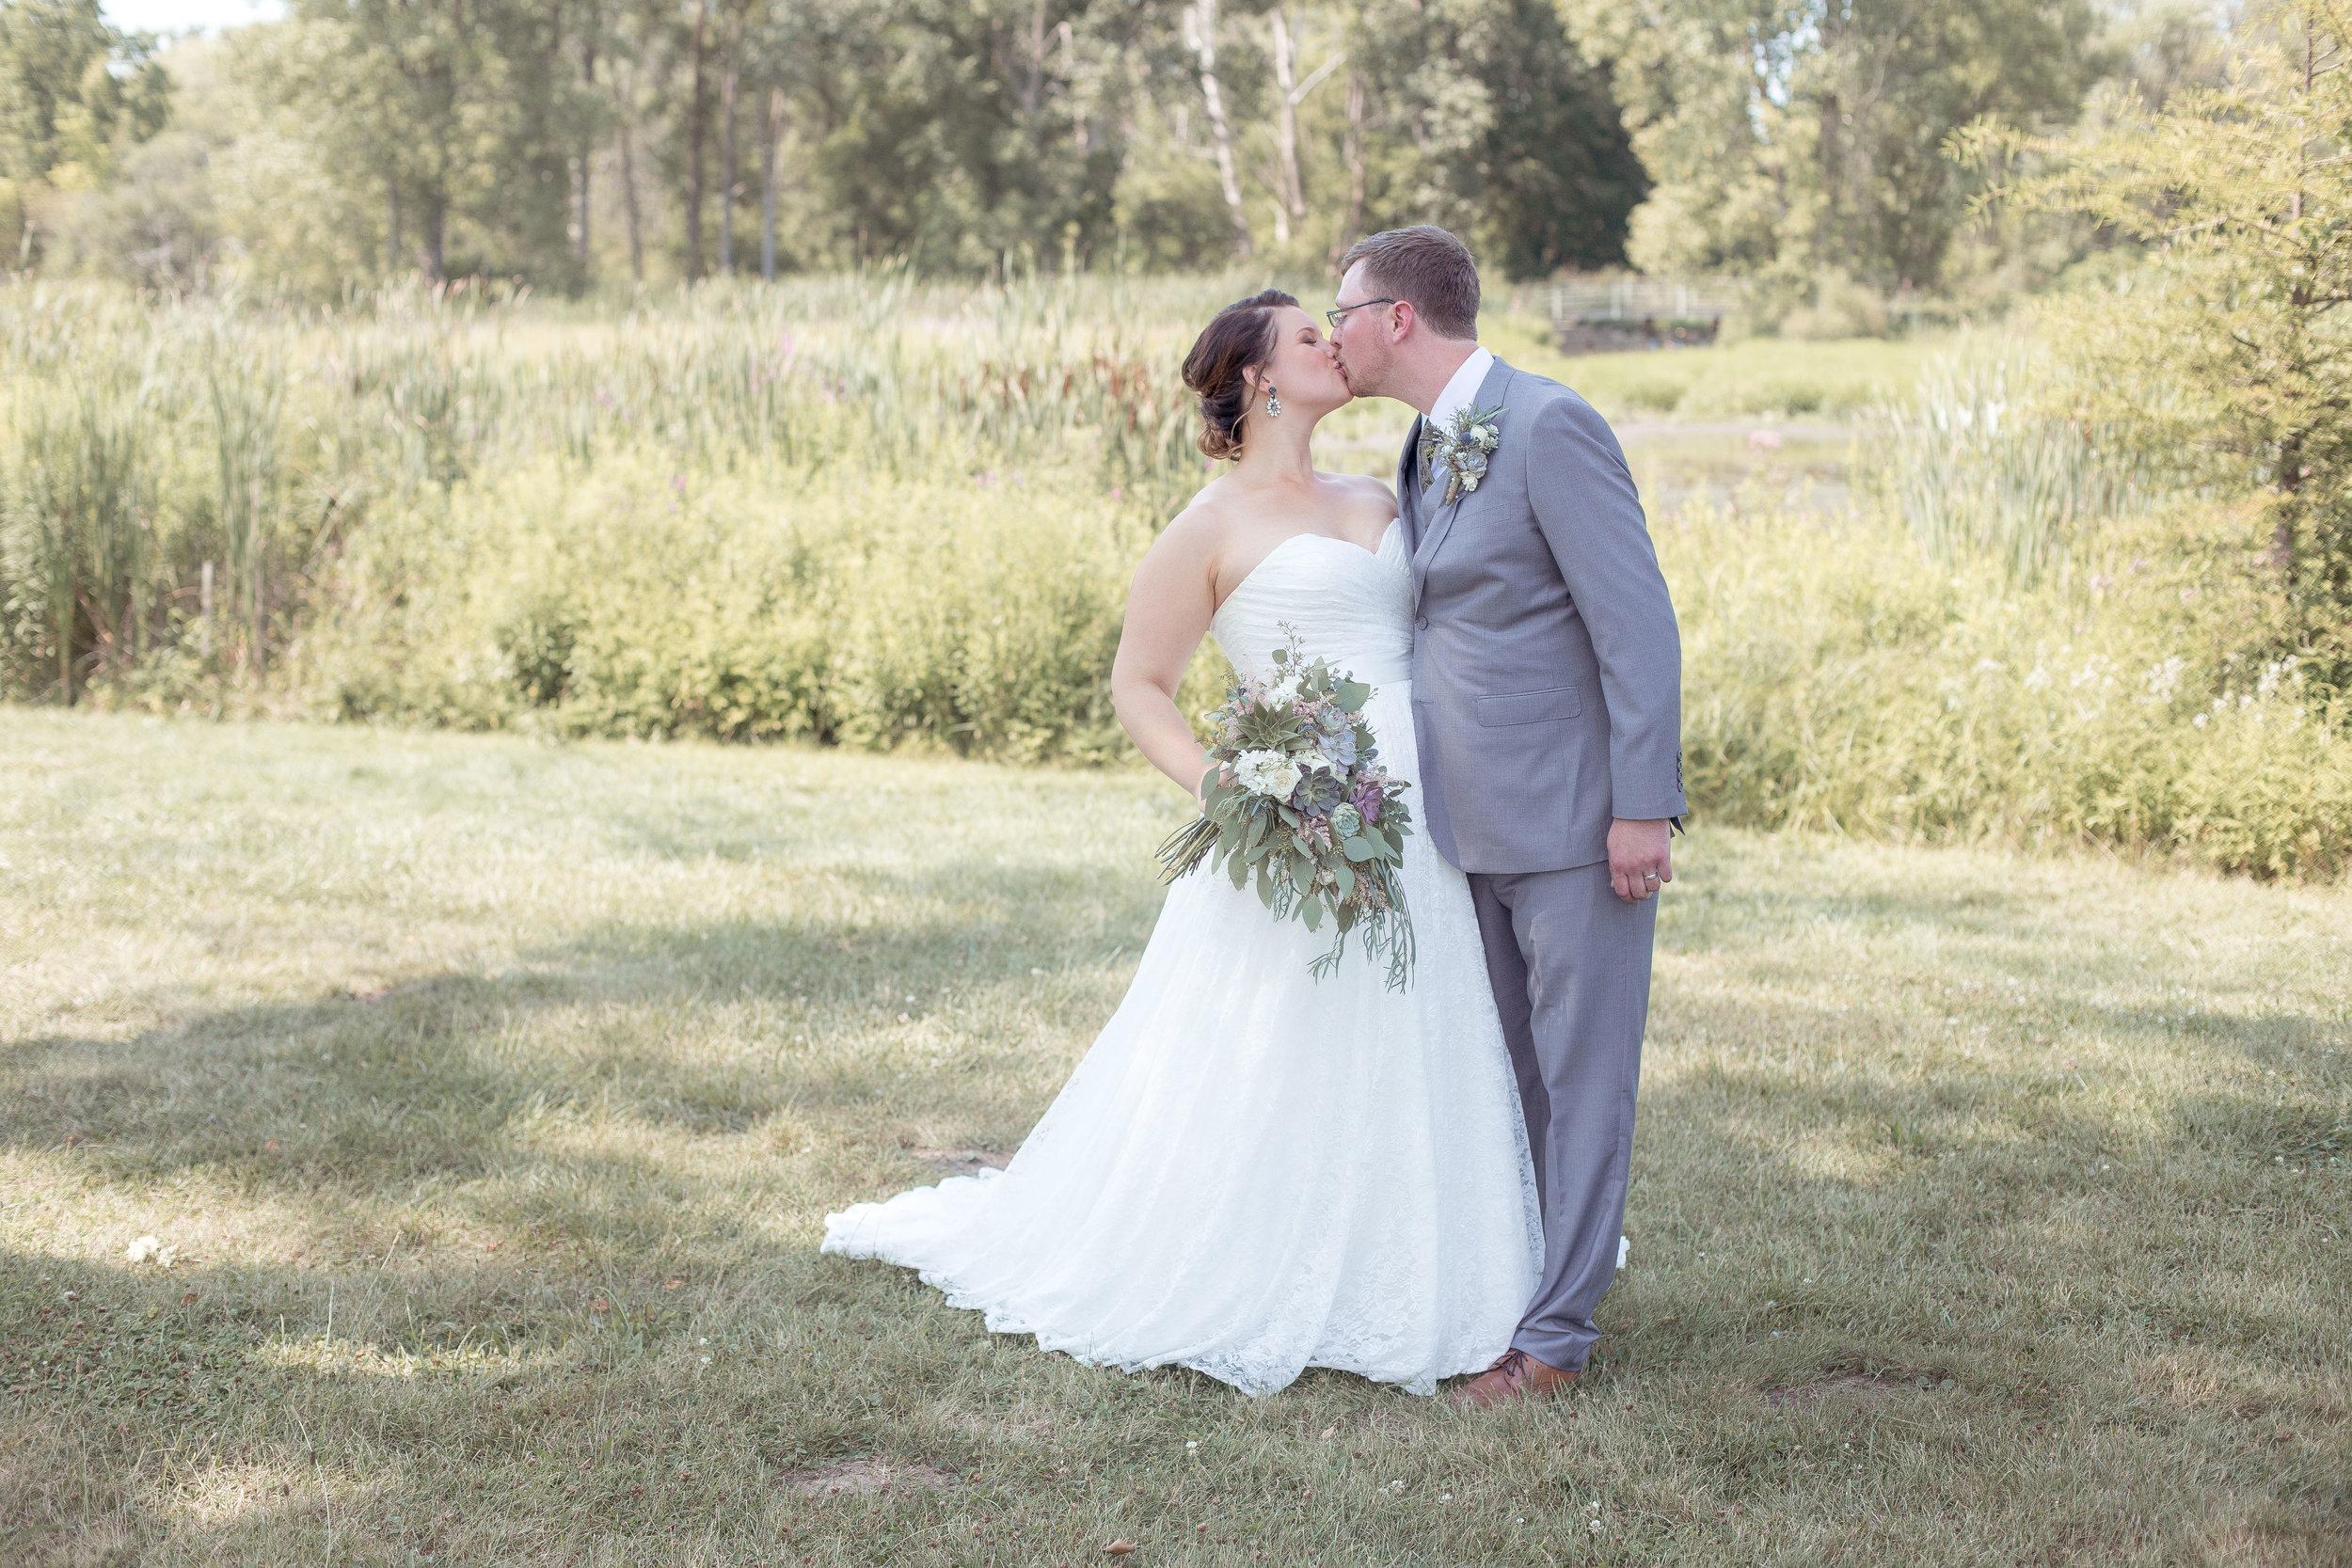 C_Wedding_Sarver, Alyssa & Scott_FOR BLOG-119.JPG